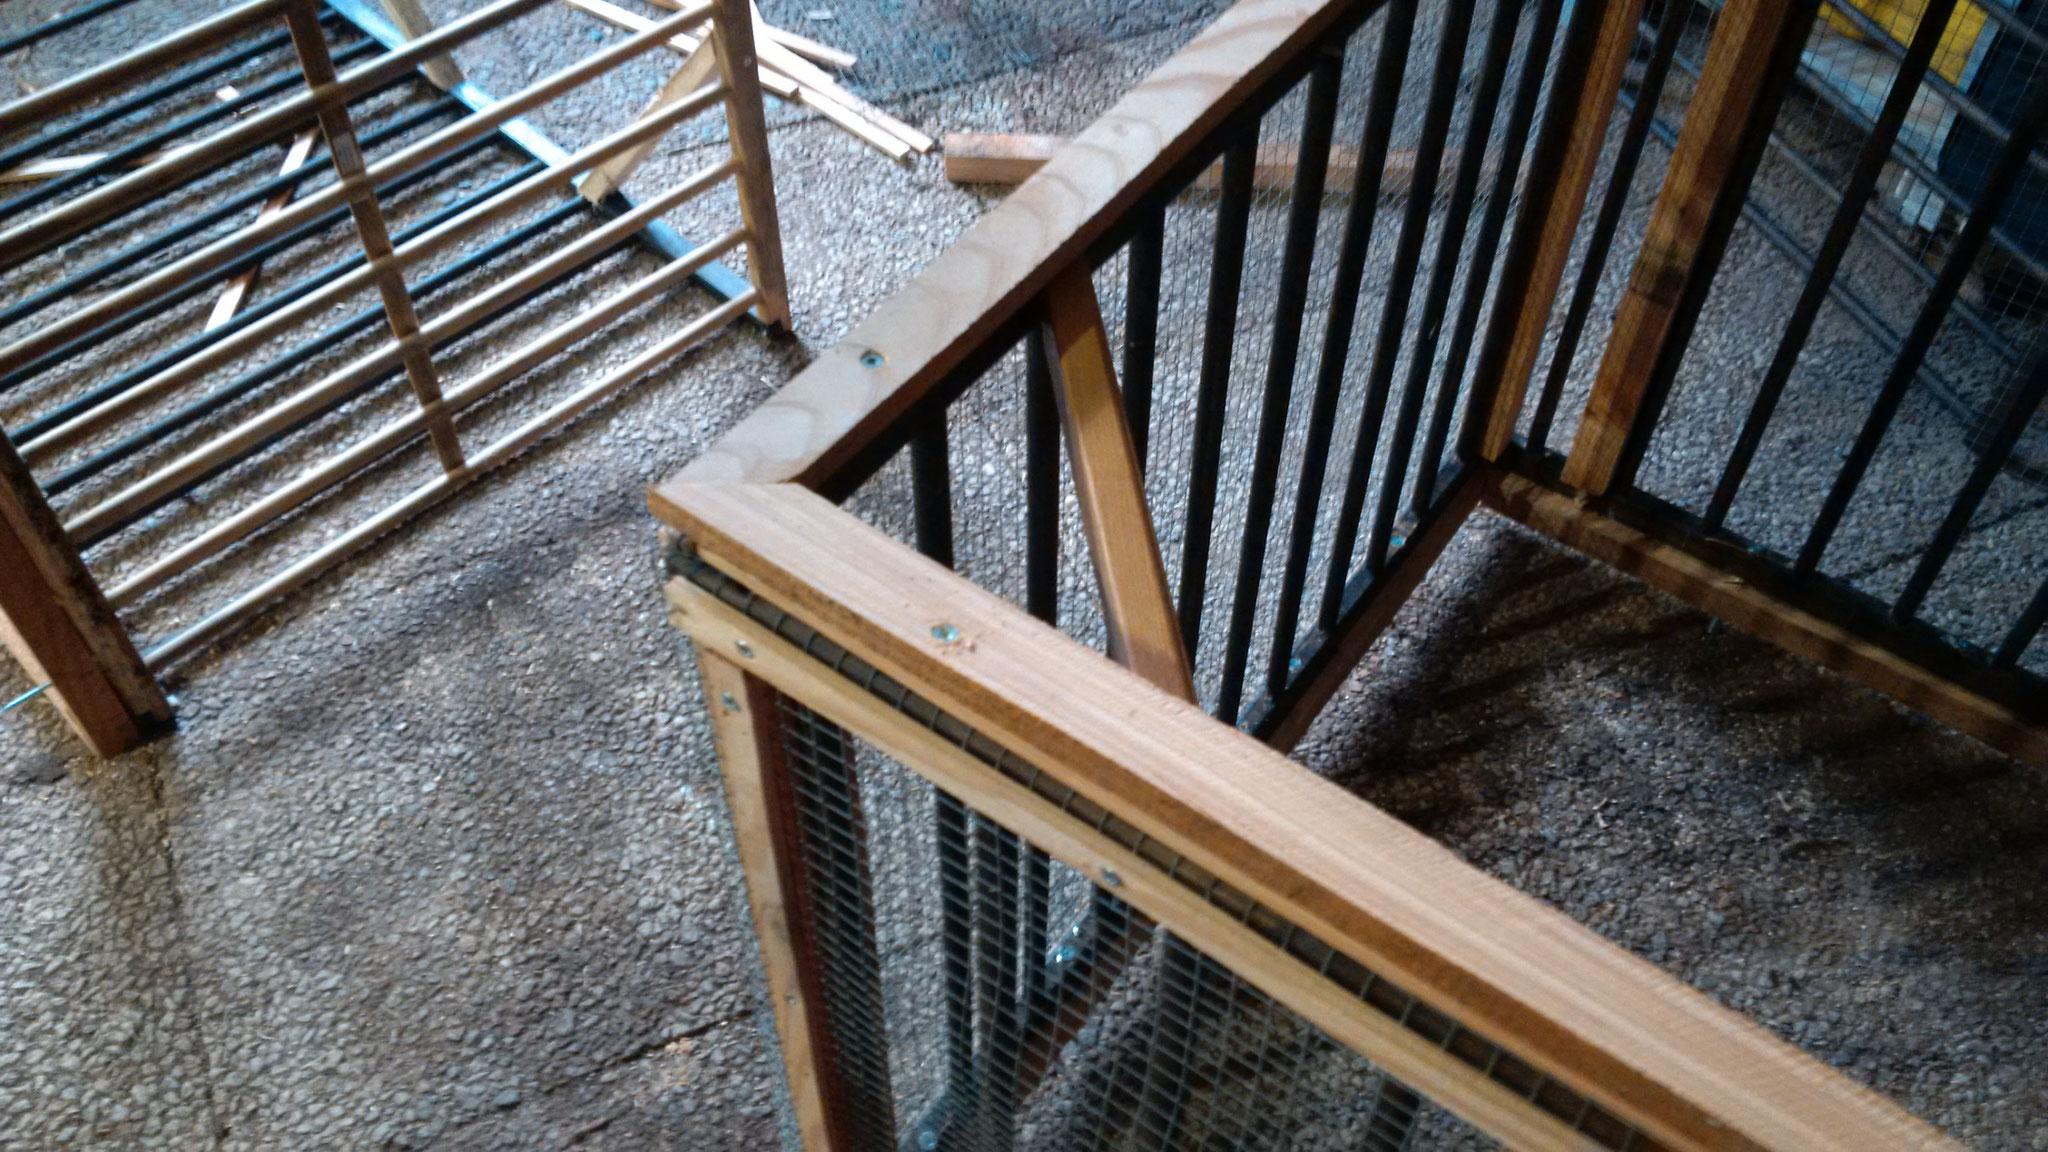 Danach auch von oben her noch ein Rahmen drauf, damit der Deckel passed schließen kann.